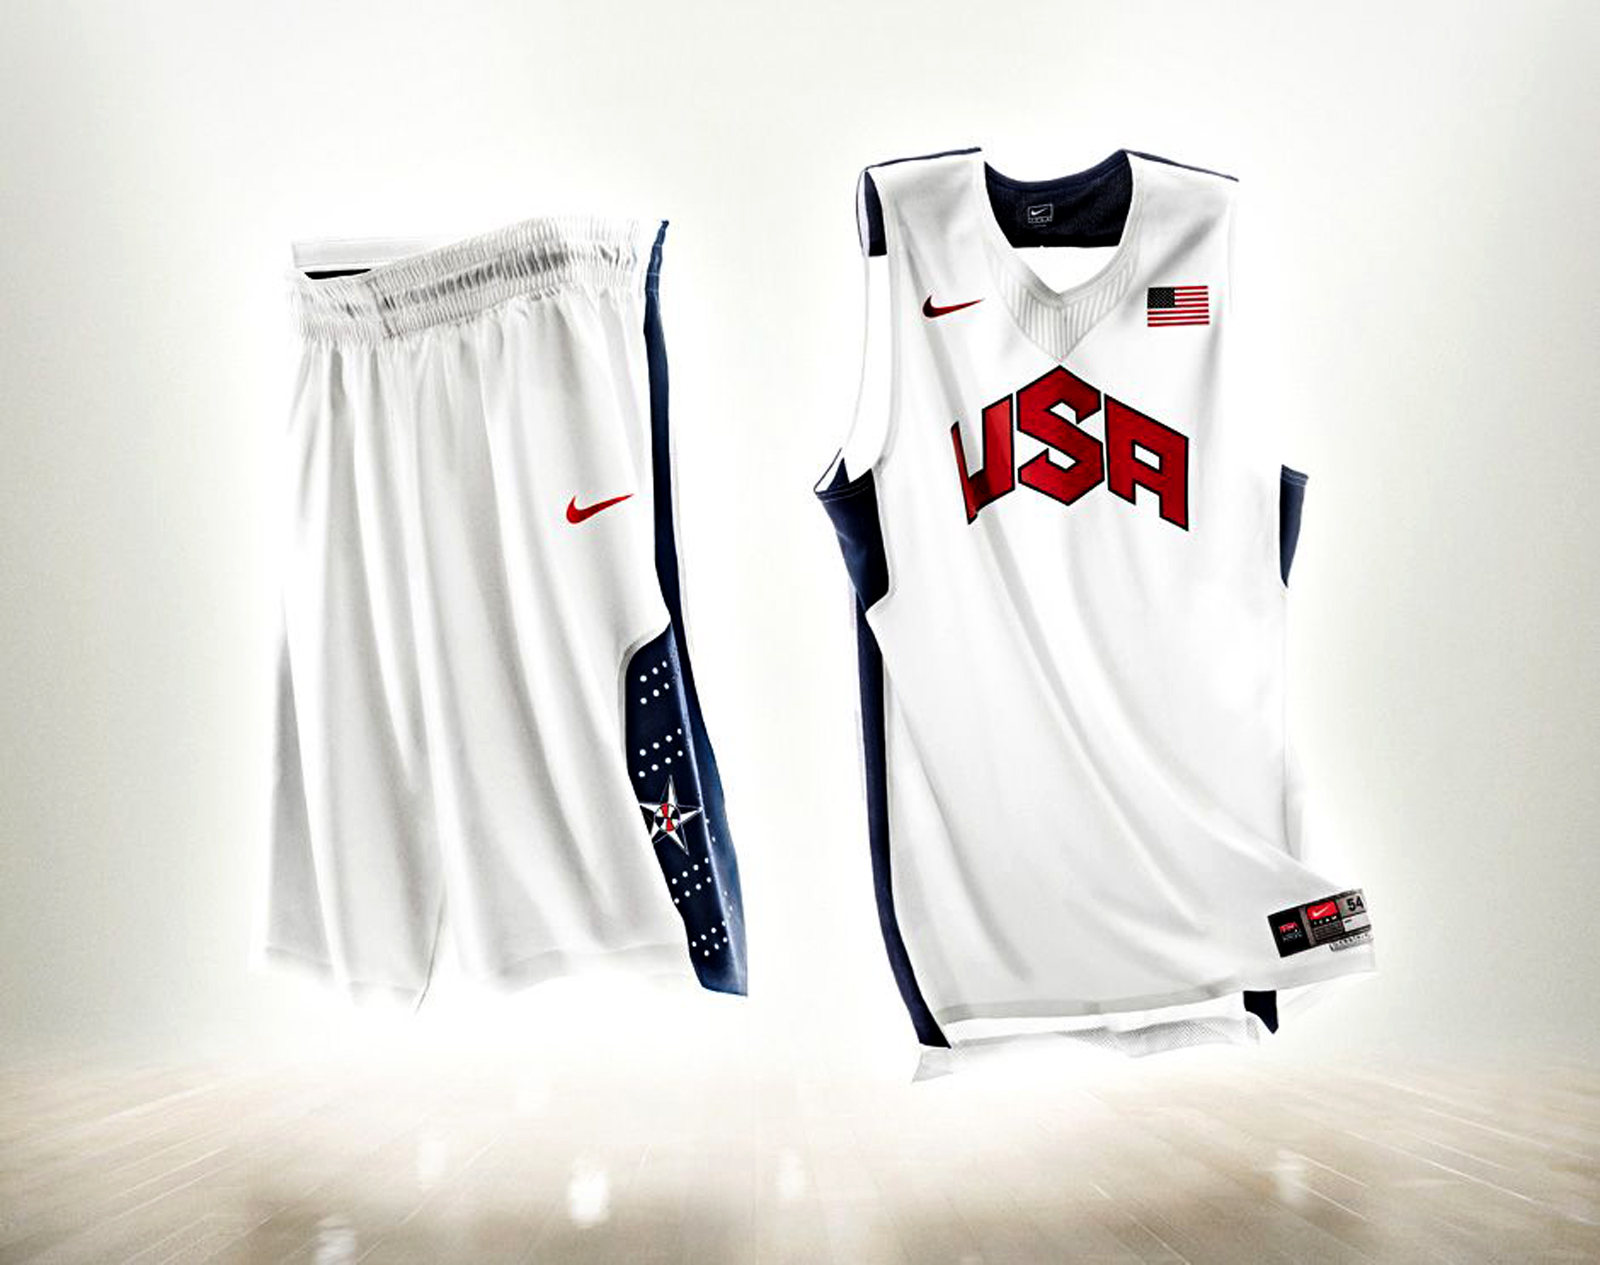 basketball team usa london olympics 2012 hd wallpapers